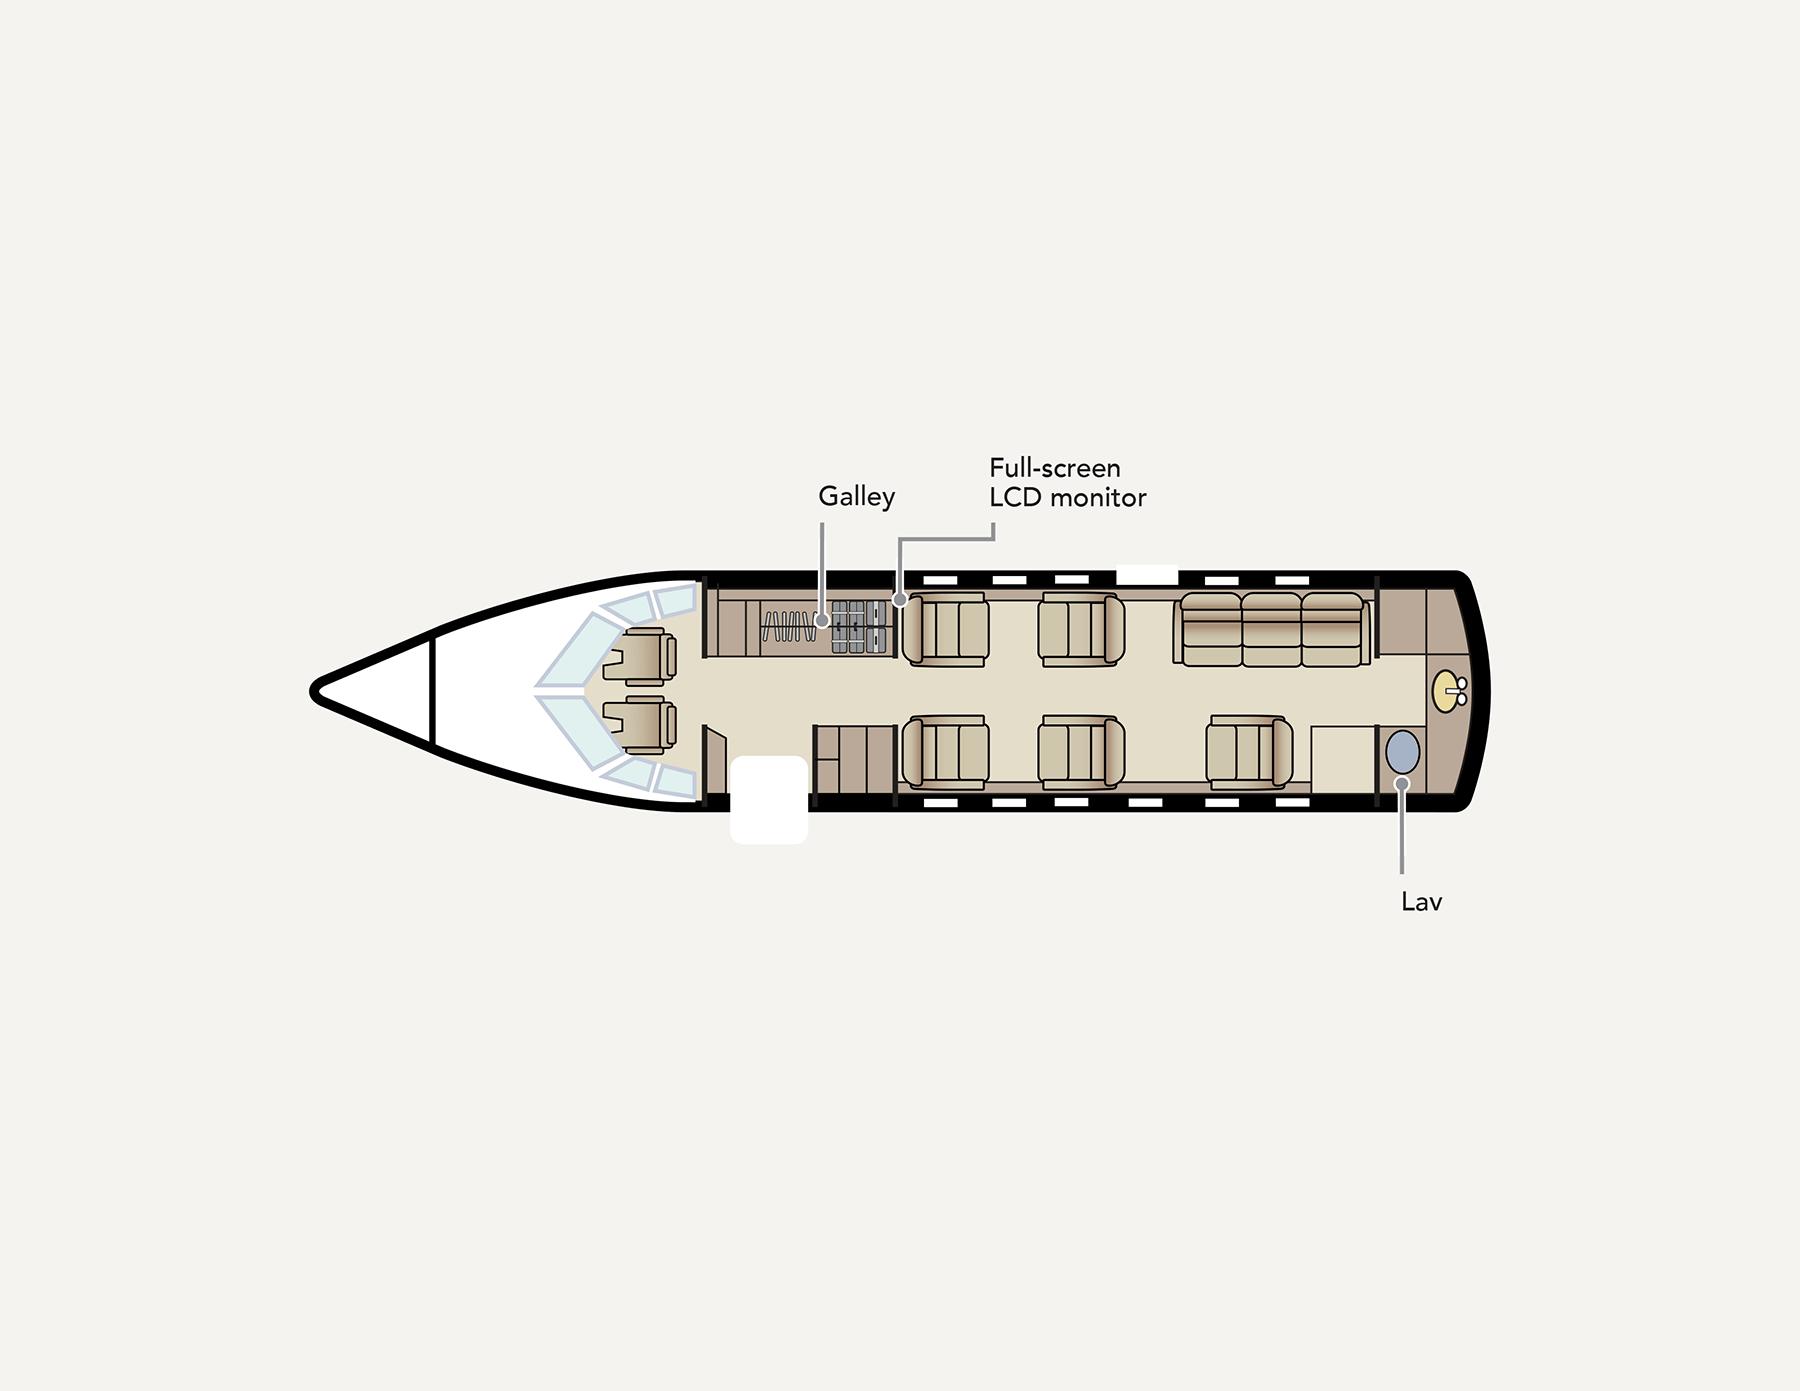 N92UP Plane Diagram